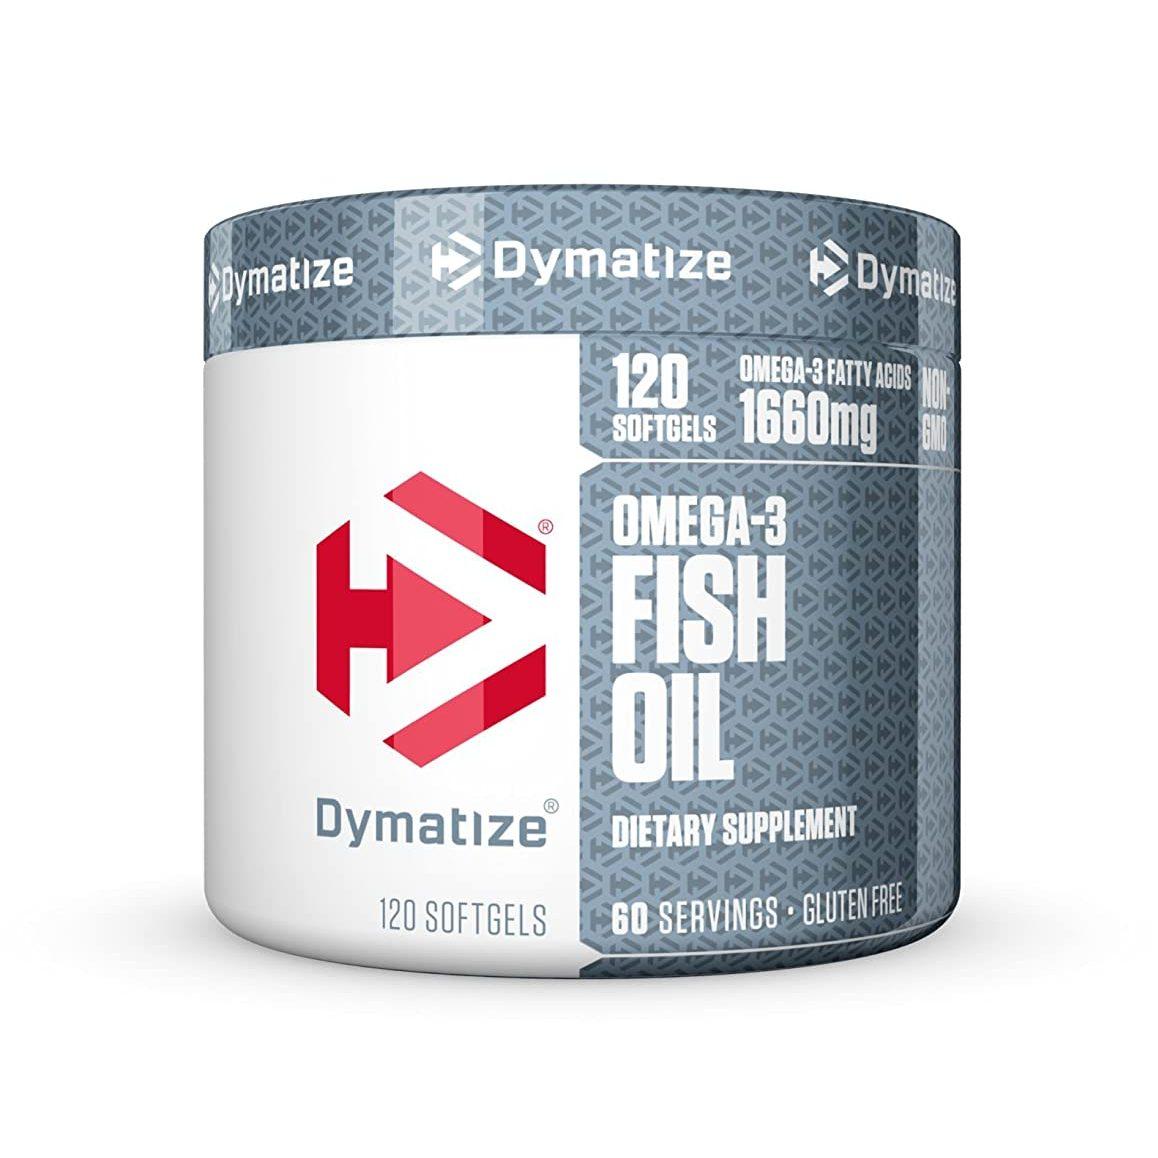 dymatize omega 3 fish oil nutriara2